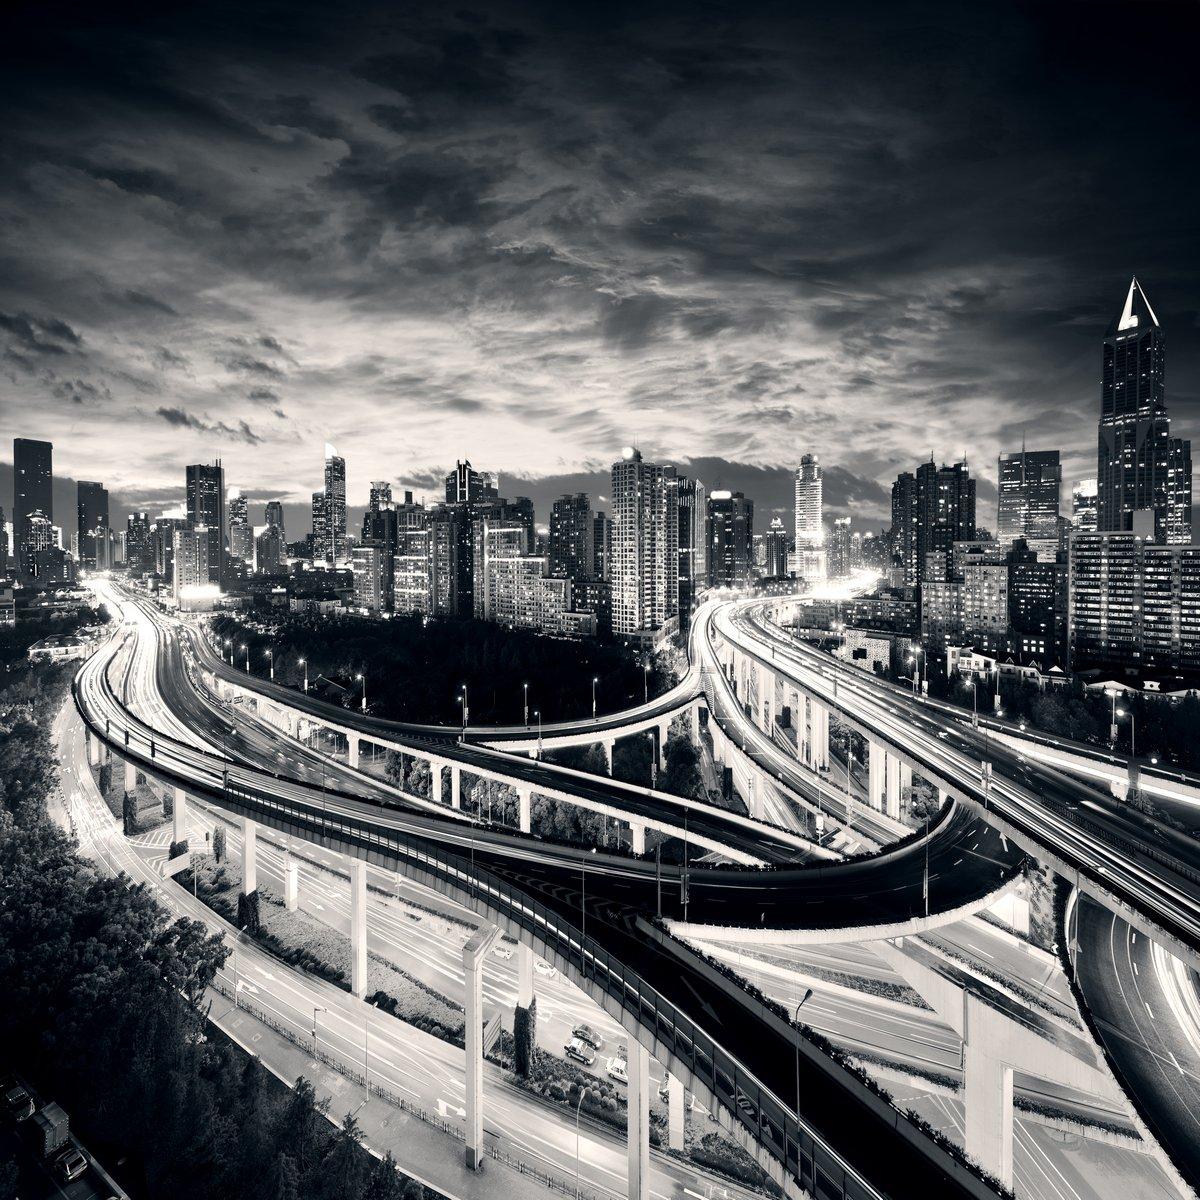 """Постер Города и карты """"Шанхай, Город на закате с легкой тропы"""", 20x20 см, на бумаге от Artwall"""